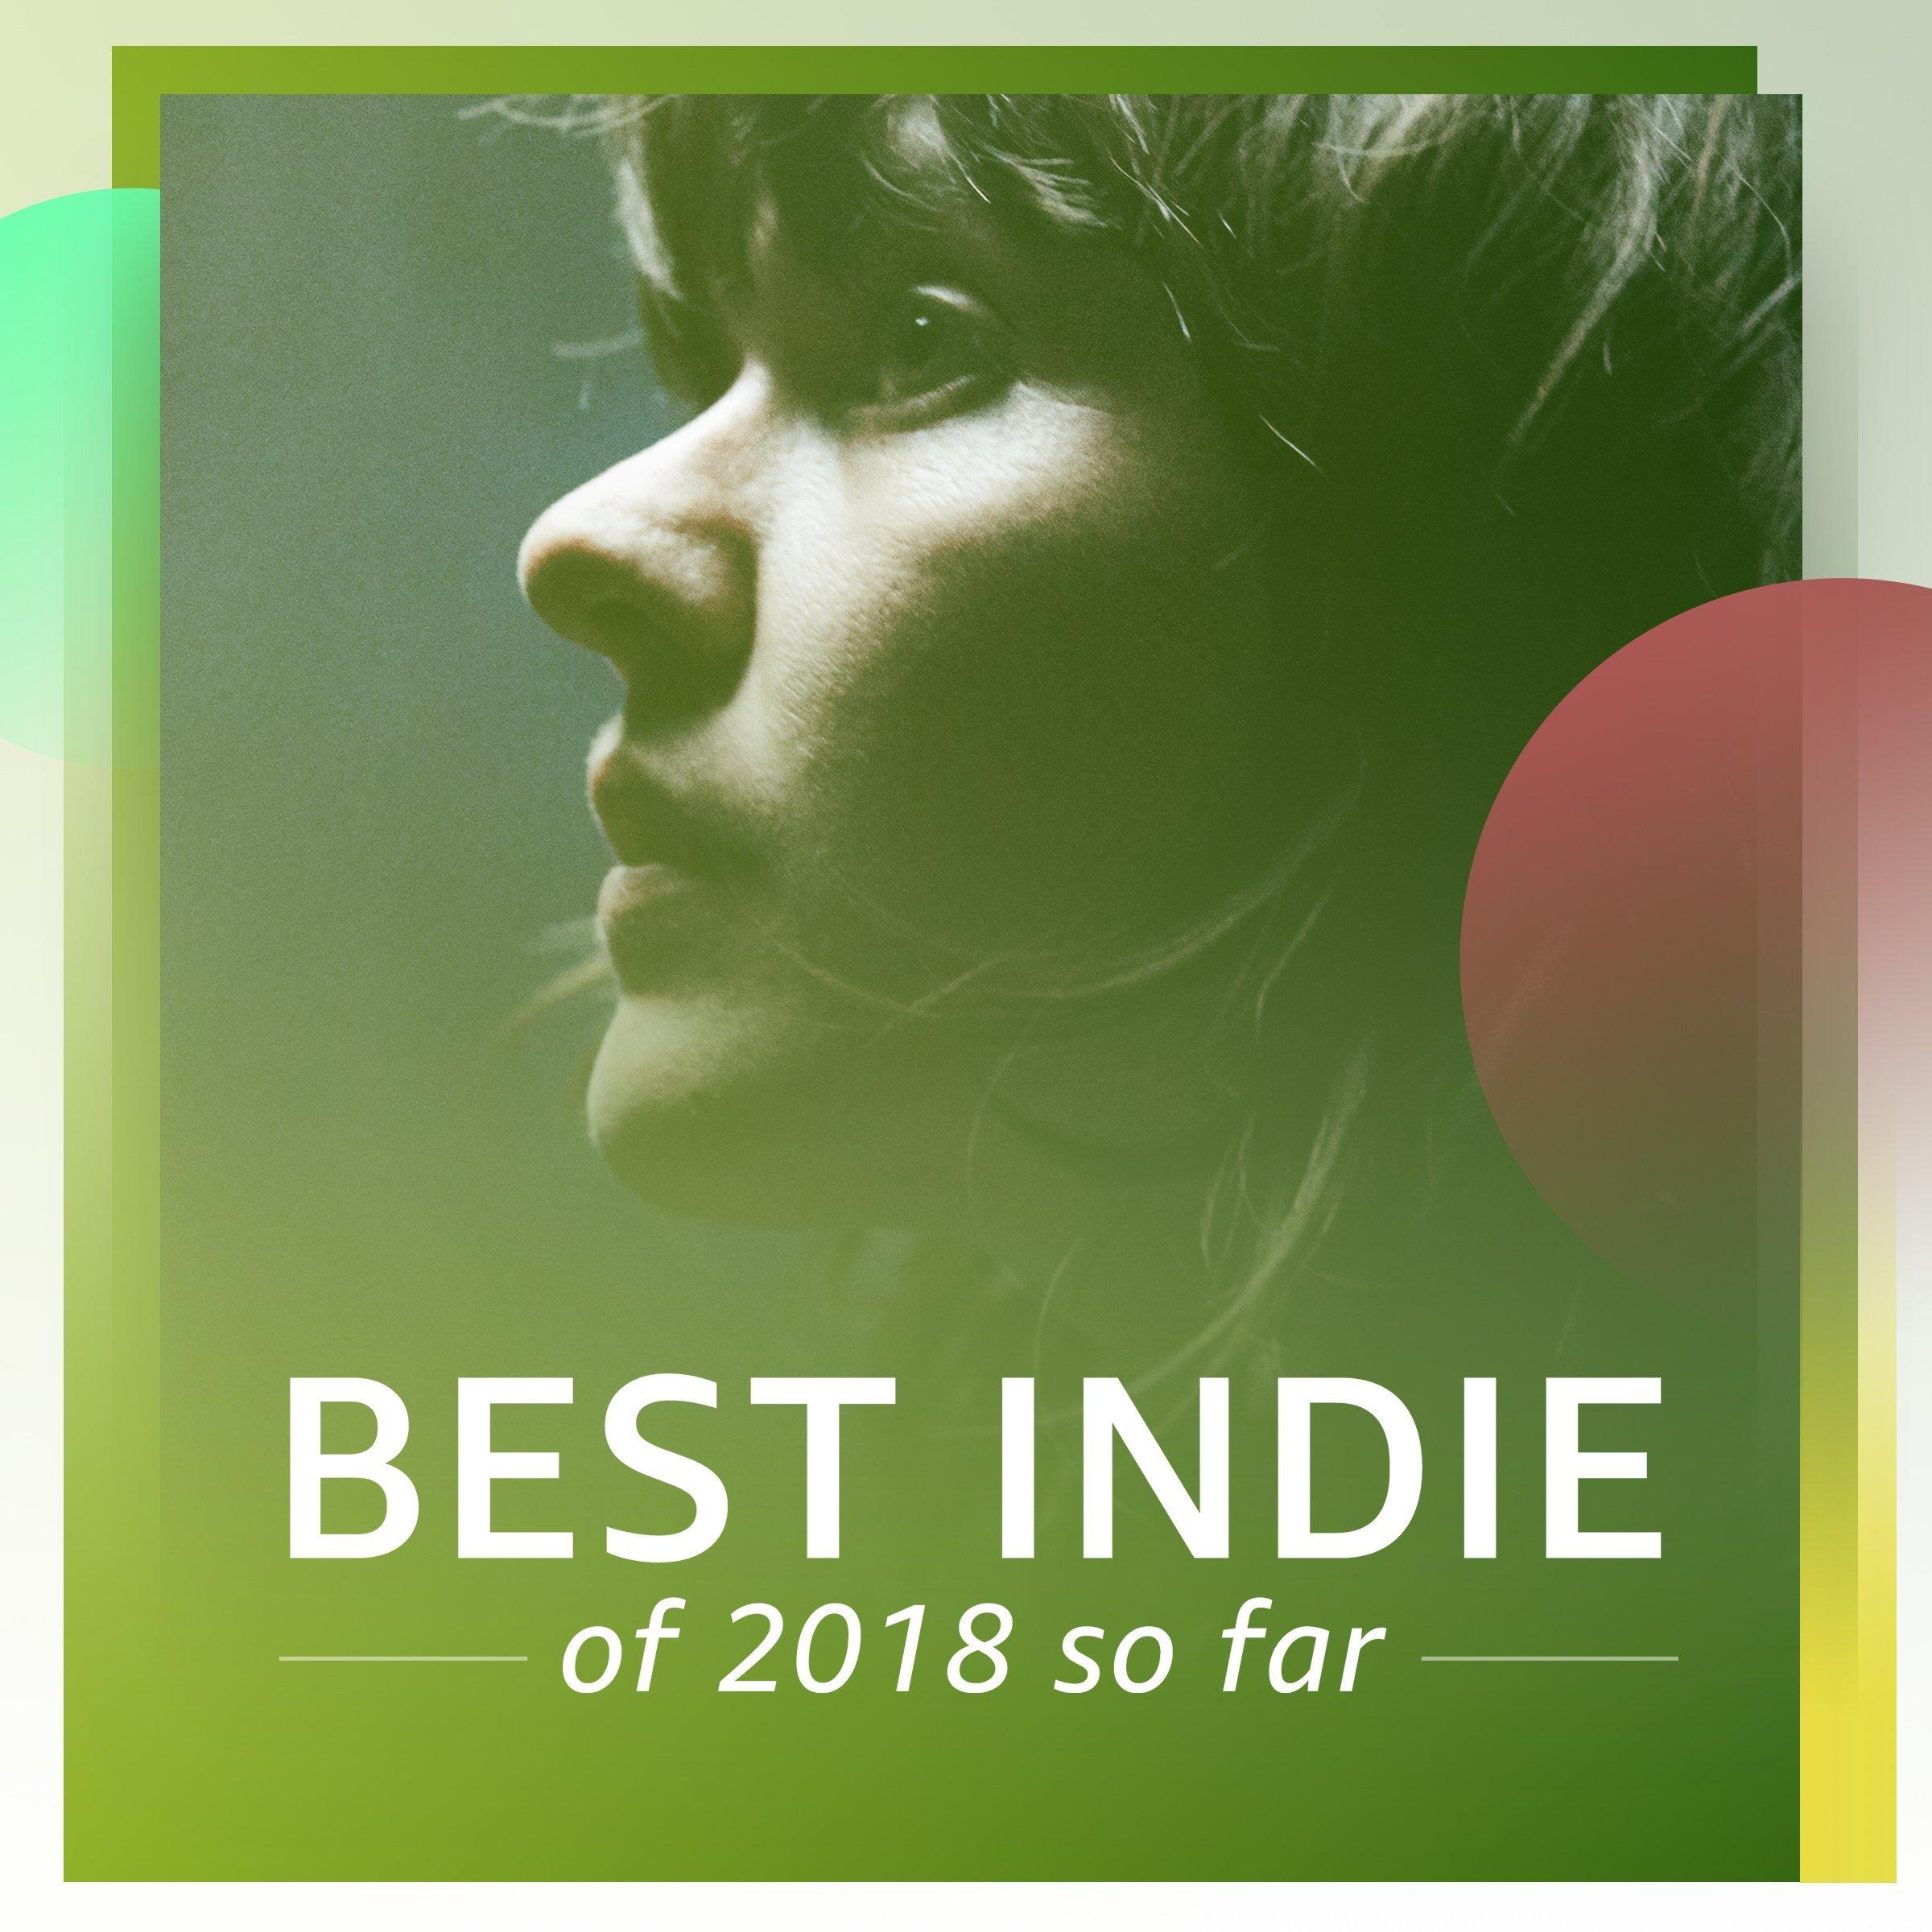 Best Indie of 2018 So Far